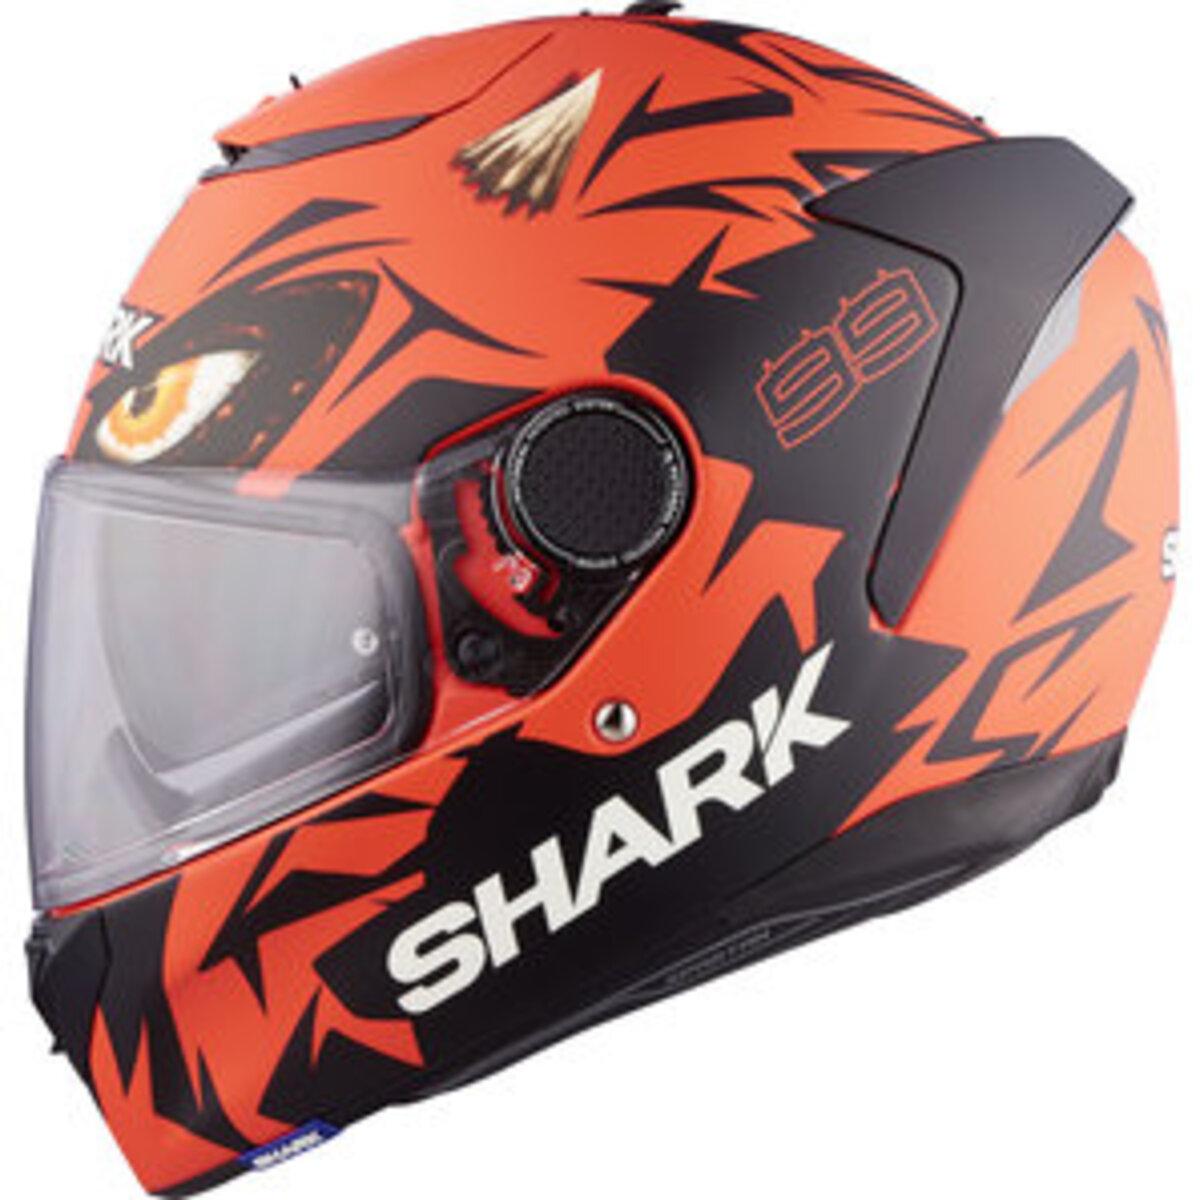 Bild 1 von Shark Spartan Lorenzo Austrian GP        Integralhelm